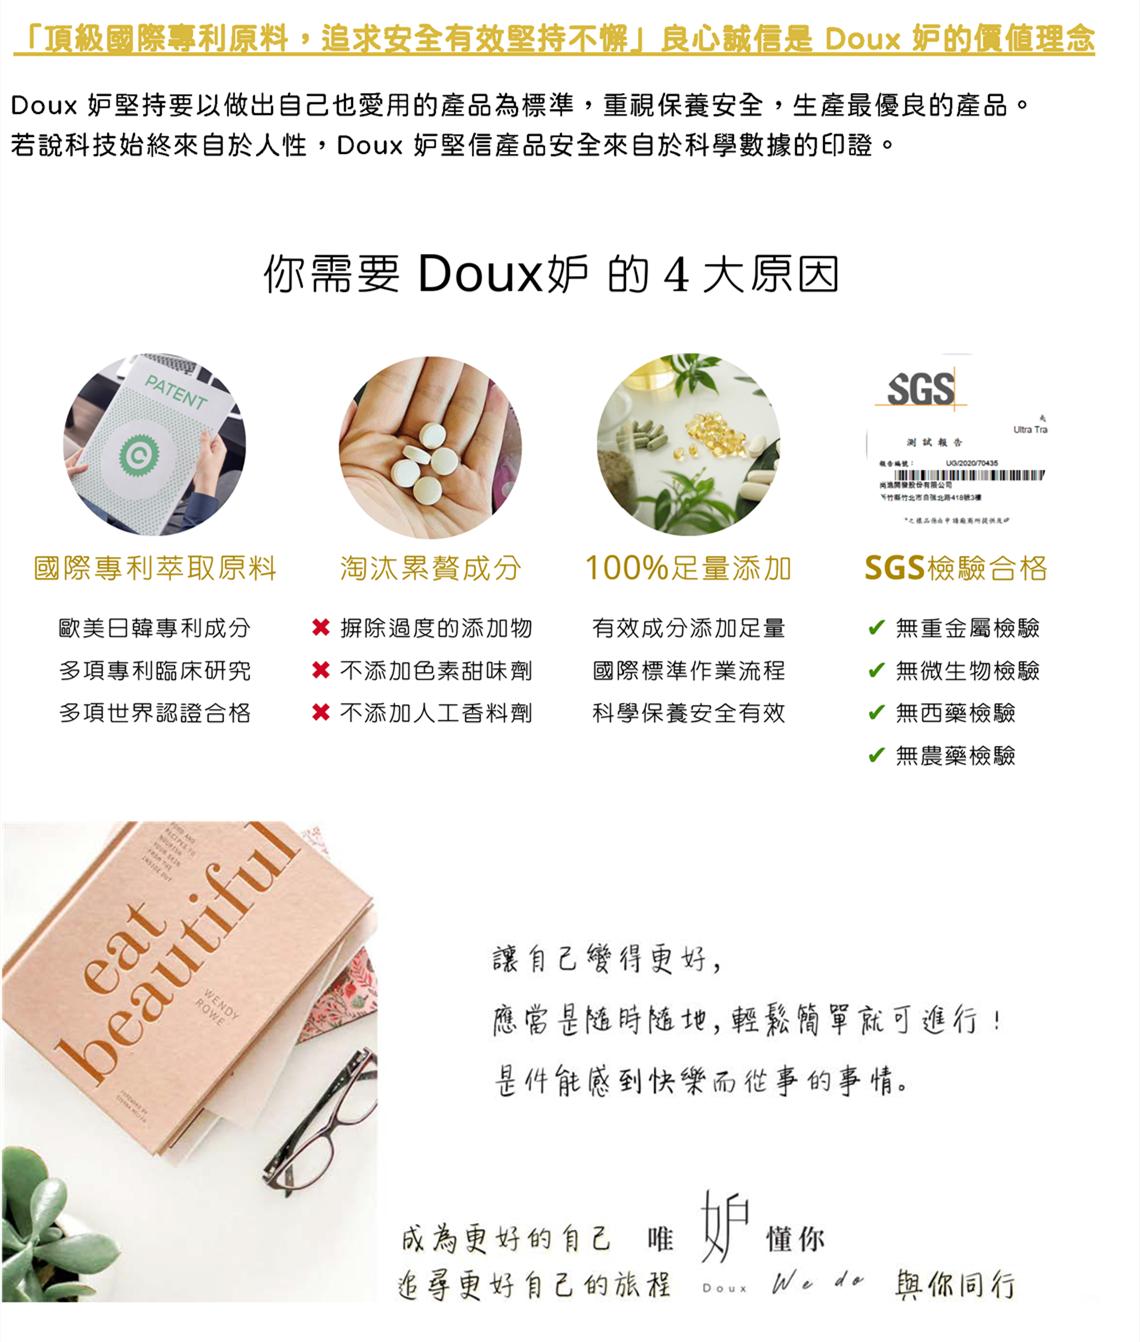 Doux 妒 只做真實的好產品,以做出自己也愛用的產品為標準